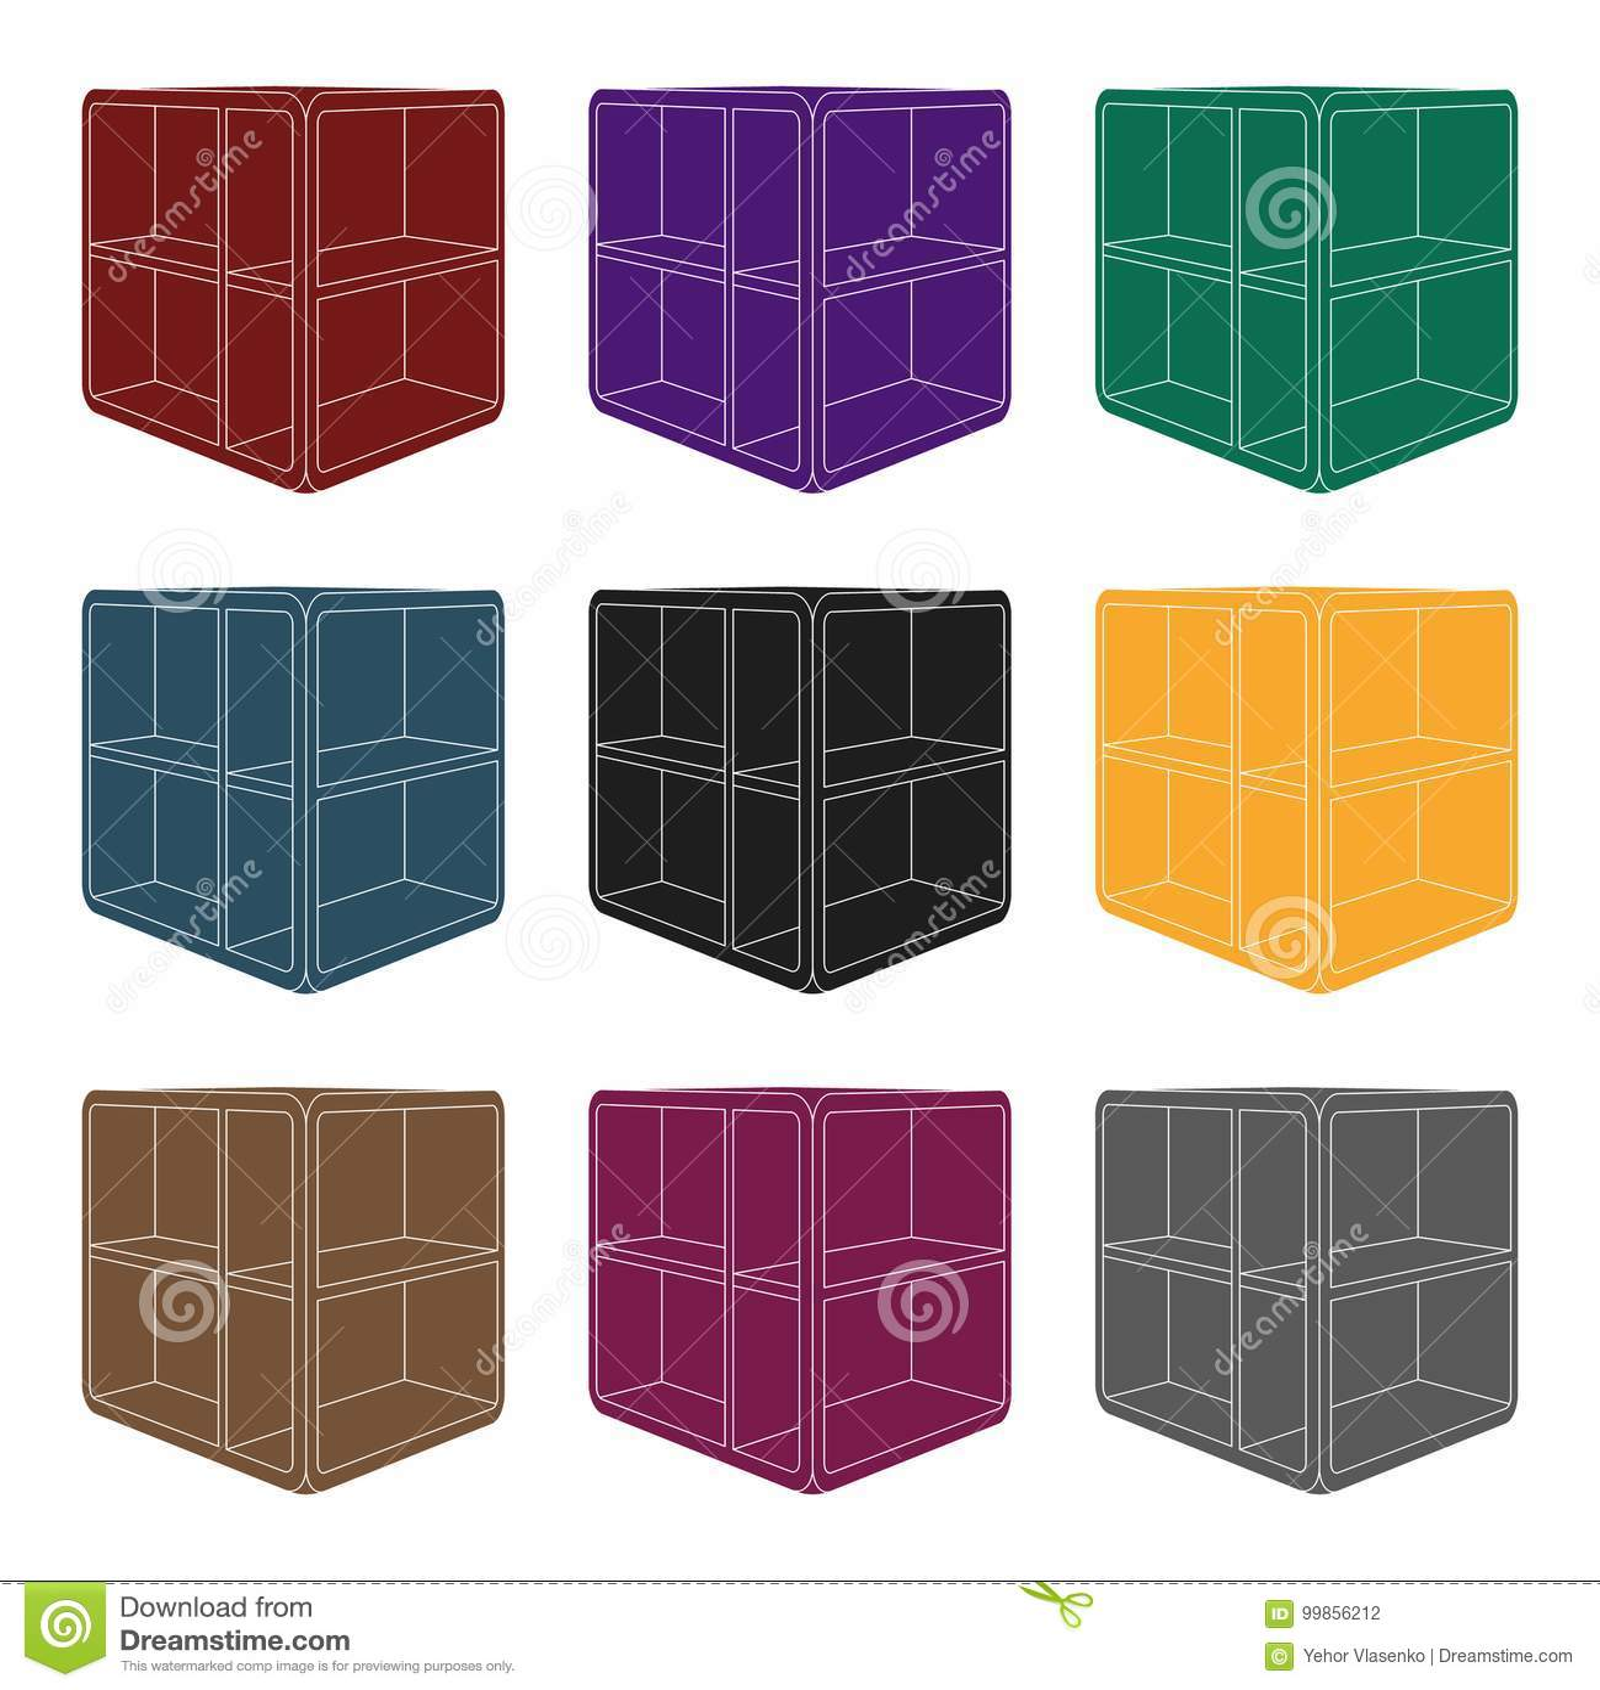 Petite Table Basse De Piece Table Blanche Avec Des Cellules Icone